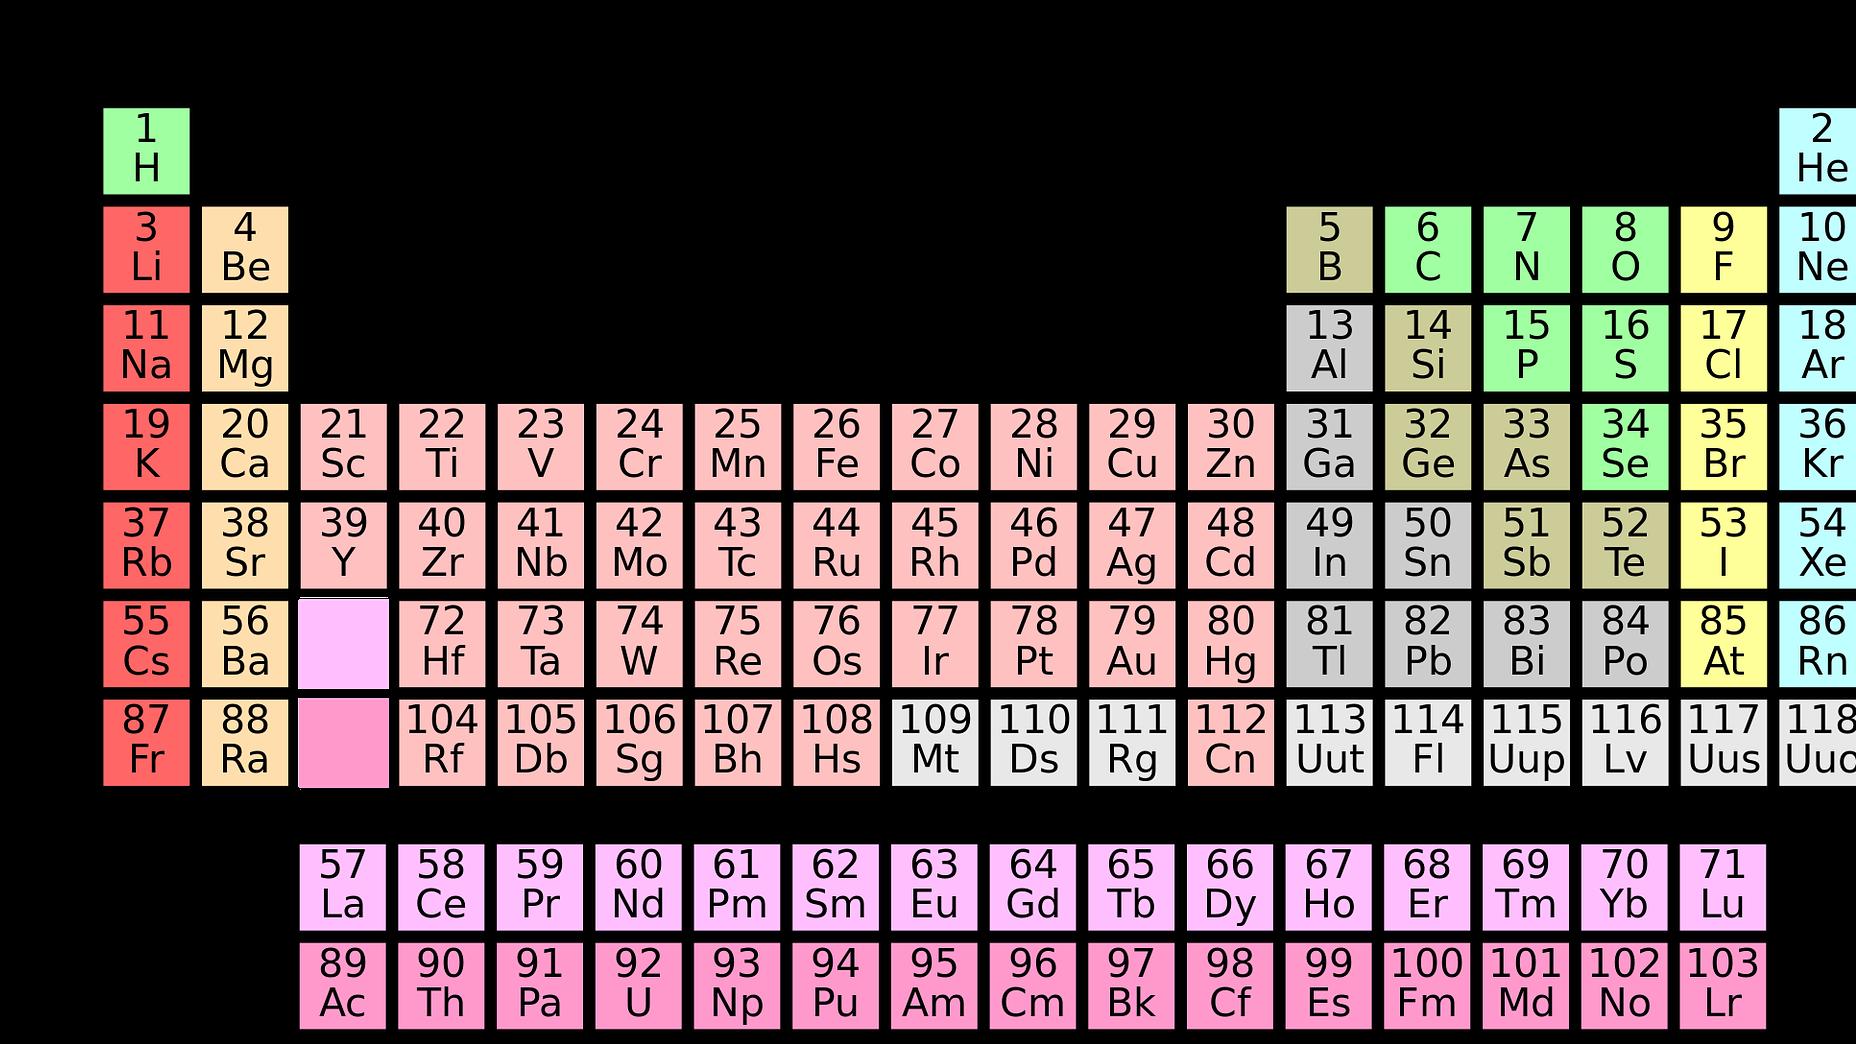 Die Elektronenkonfiguration lässt sich auf einen Blick vom PSE ablesen.